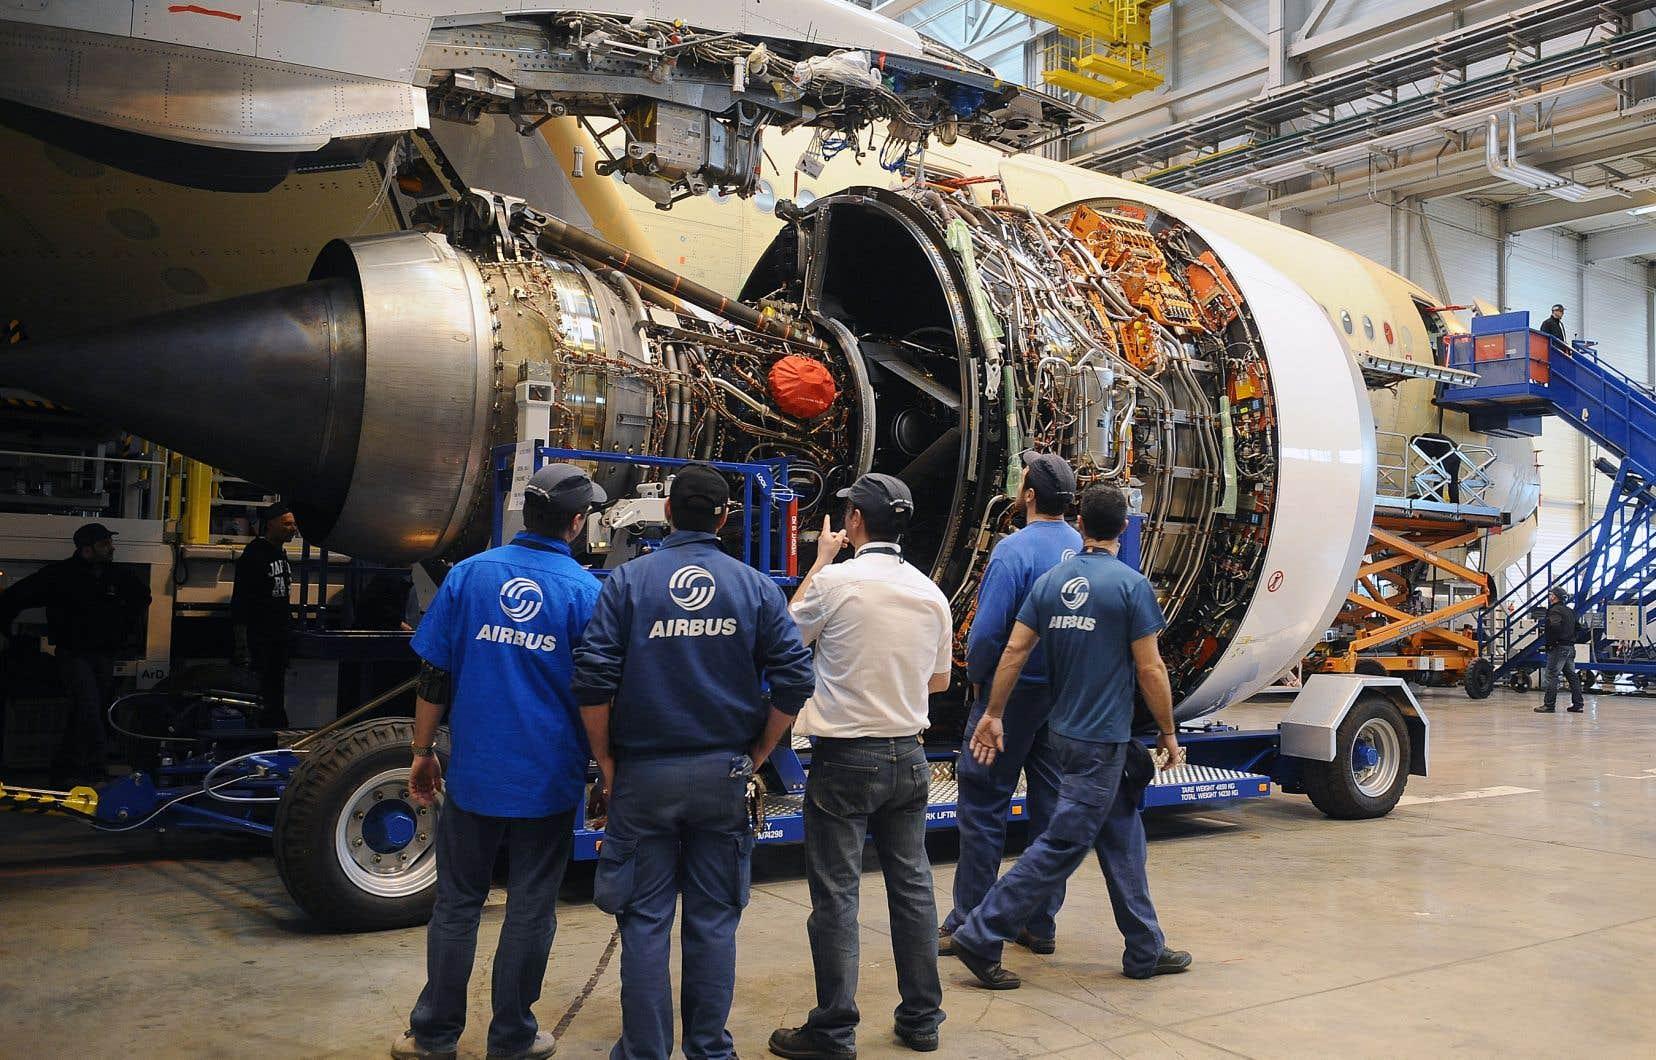 Les cyberpirates s'intéressaient particulièrement aux moteurs et aux systèmes électroniques d'aide au pilotage.